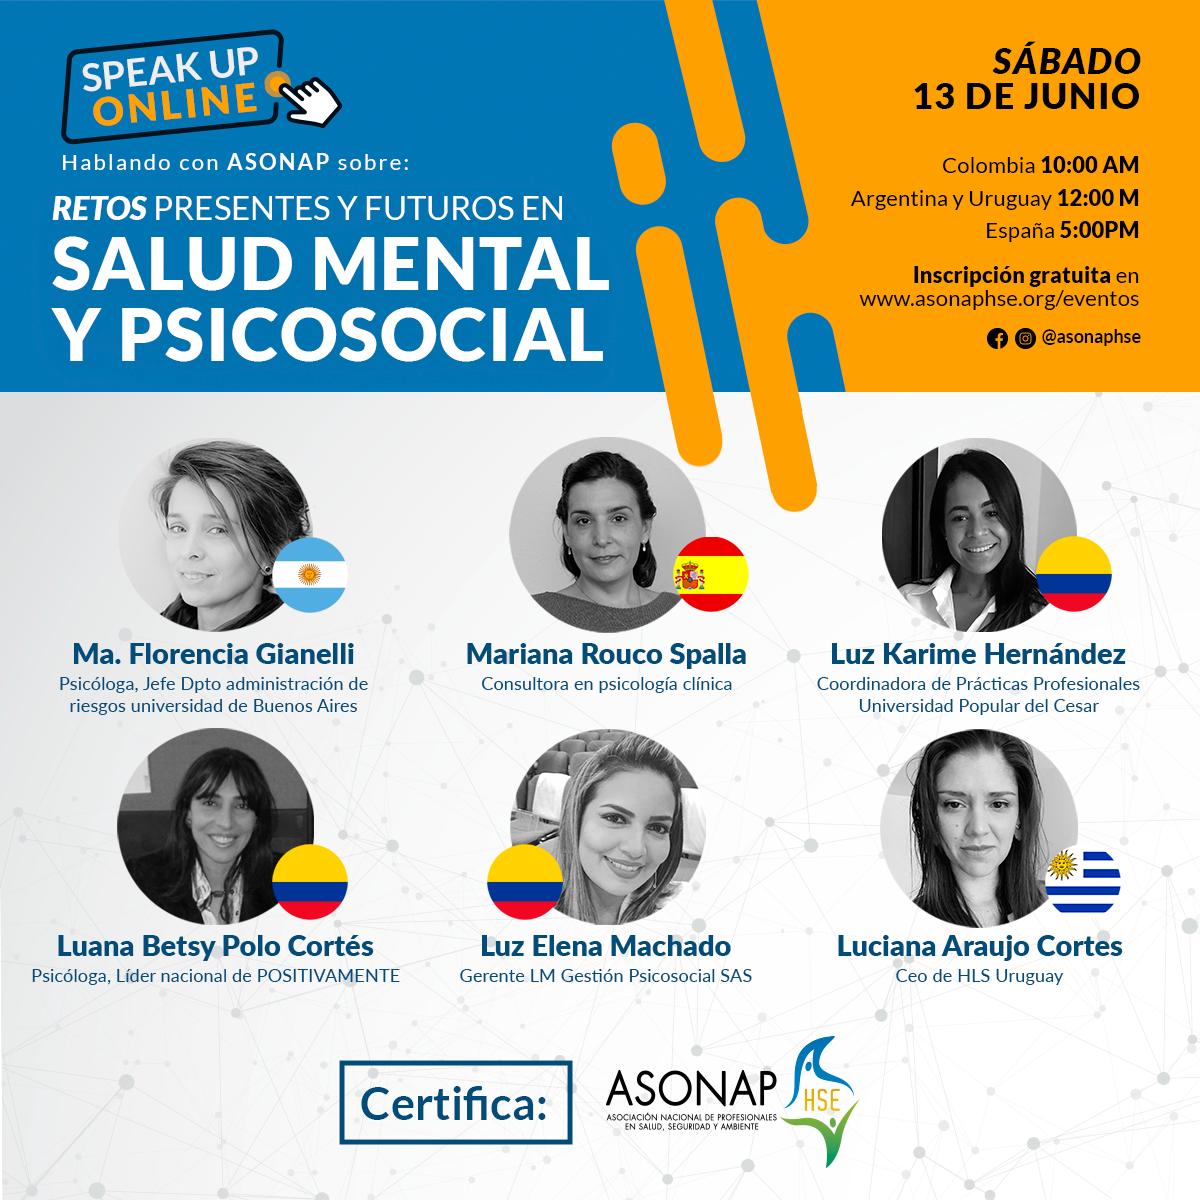 Retos presentes y futuros en salud mental y psicosocial